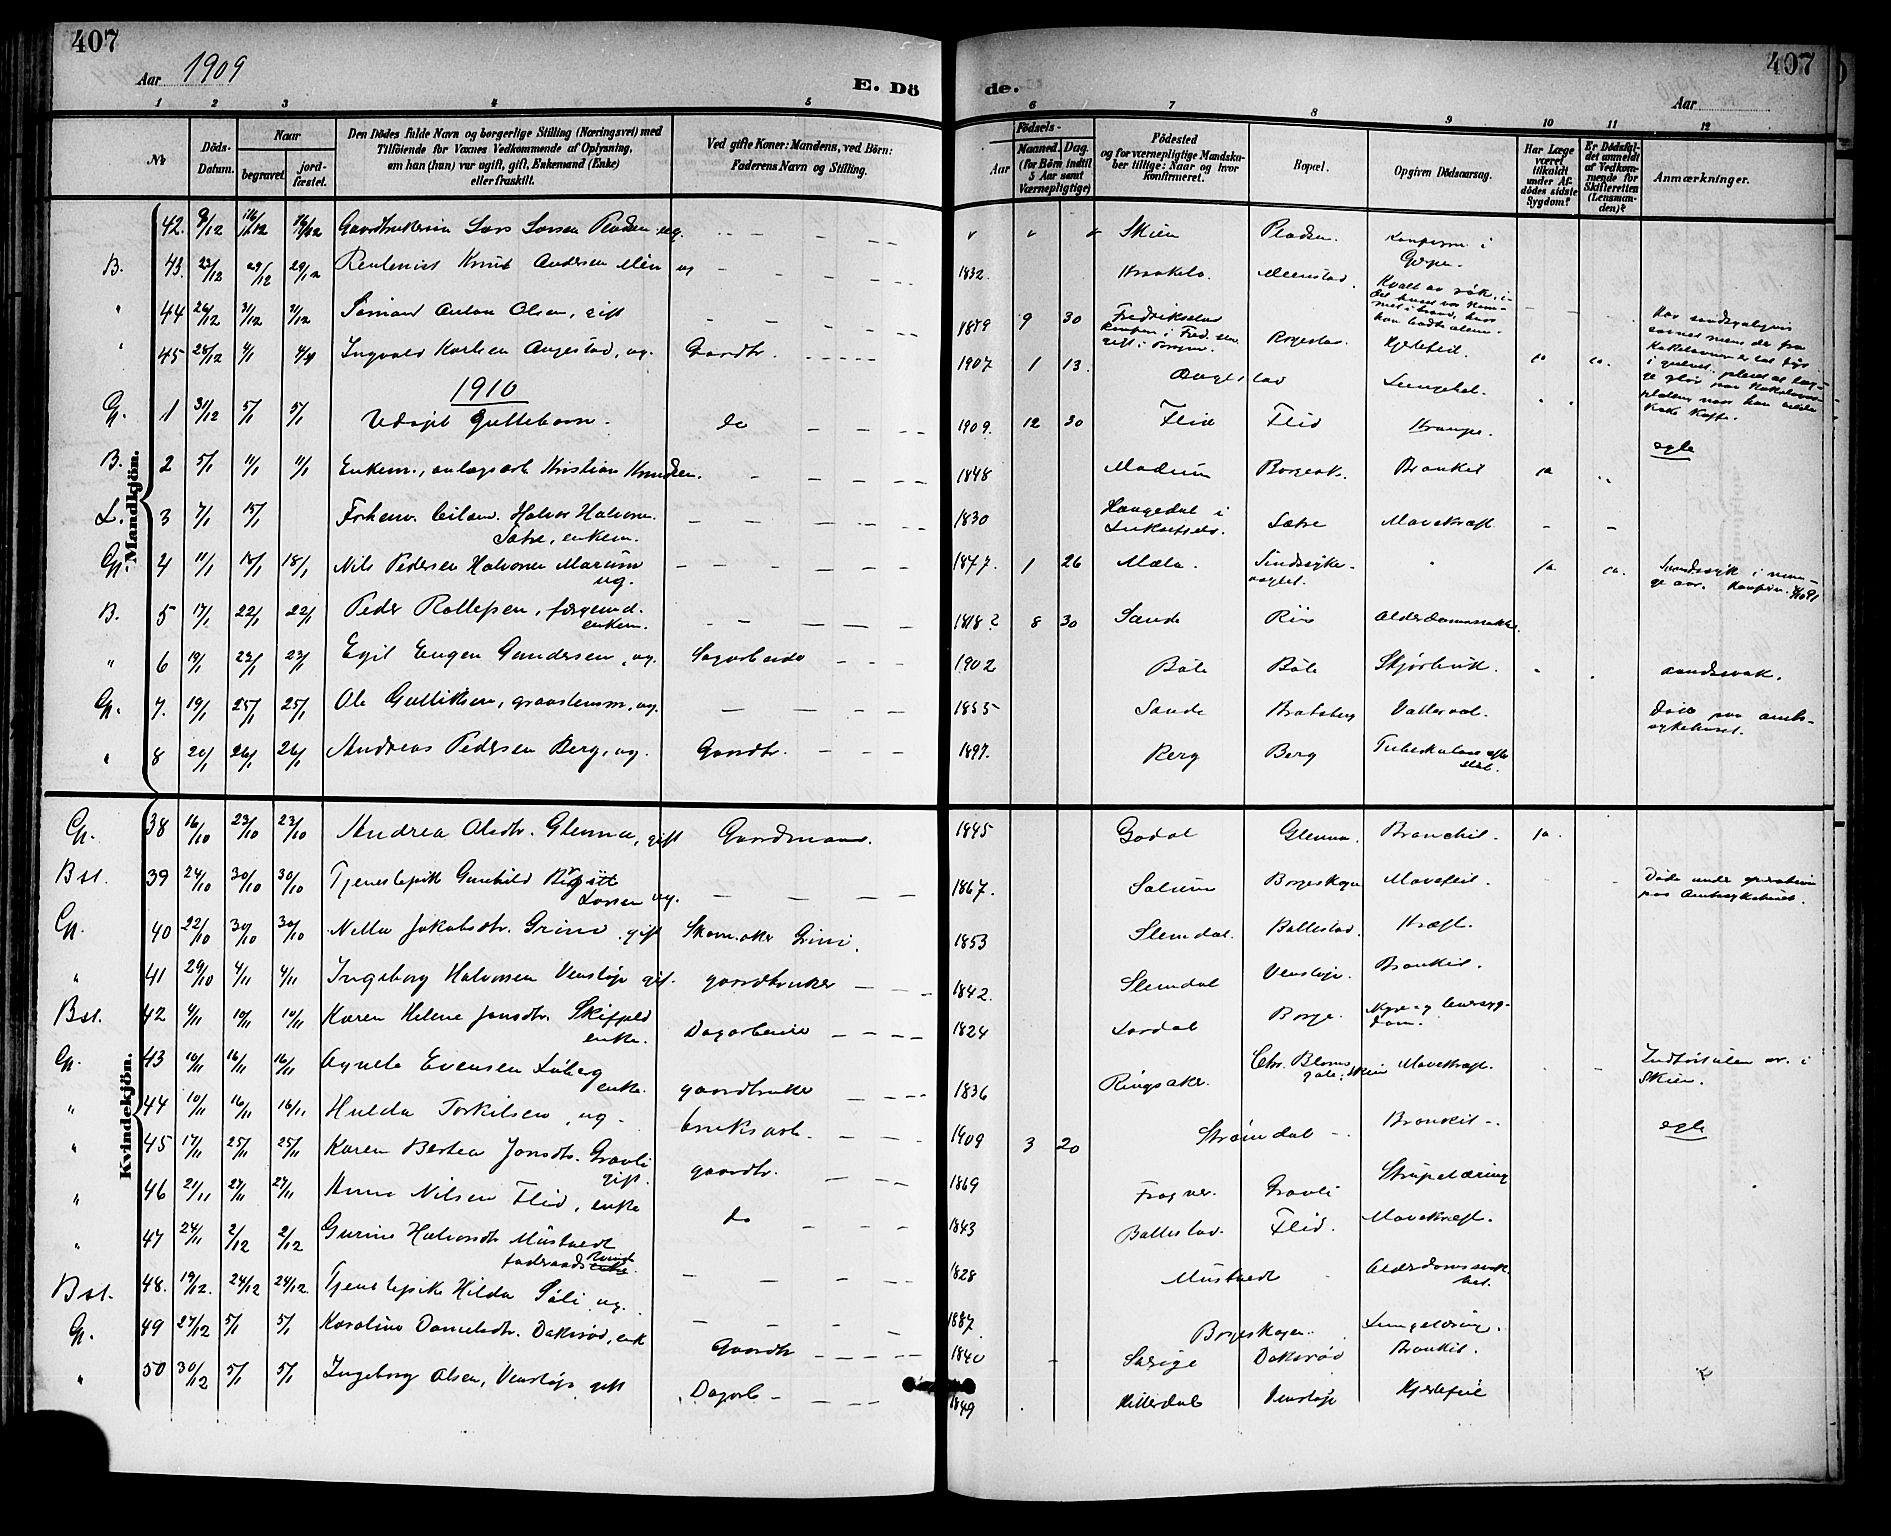 SAKO, Gjerpen kirkebøker, G/Ga/L0003: Klokkerbok nr. I 3, 1901-1919, s. 407